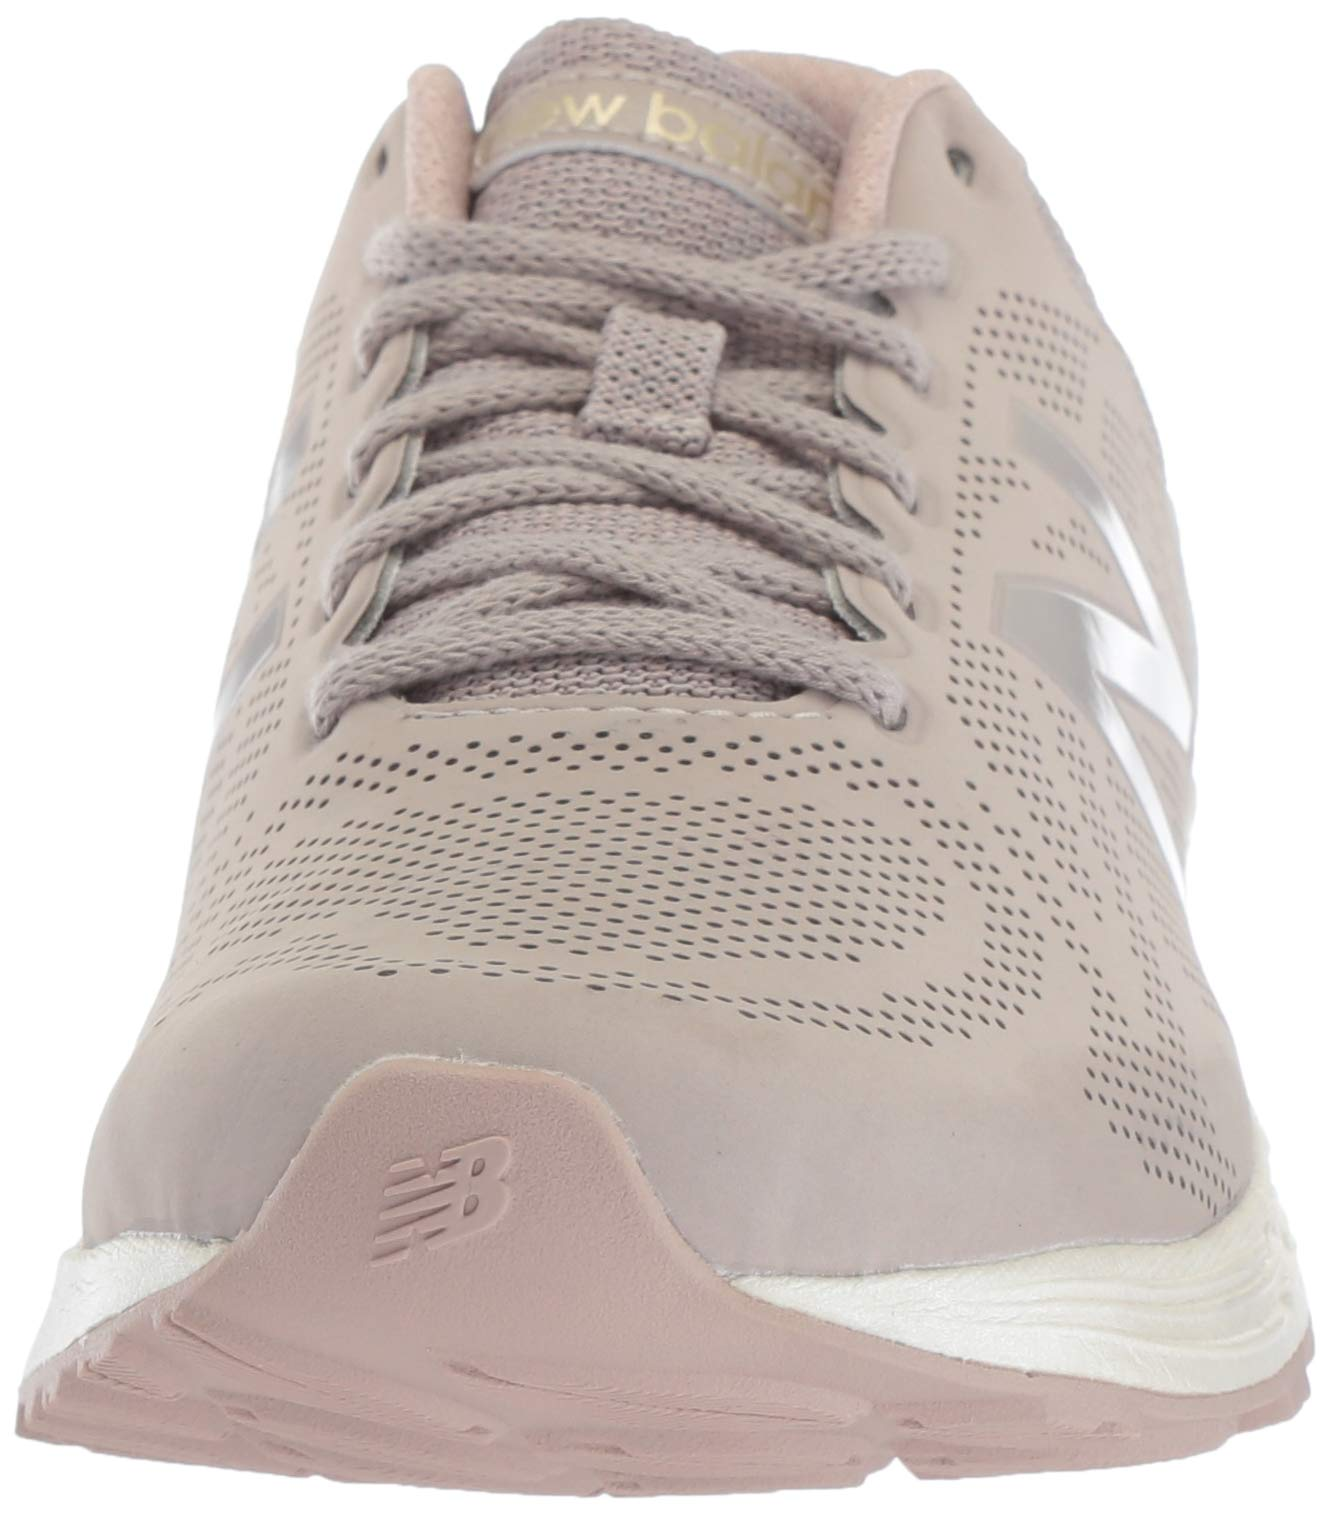 New Balance Women's Fresh Foam Arishi V1 Running Shoe, Flat White/au Lait 5 B US by New Balance (Image #4)